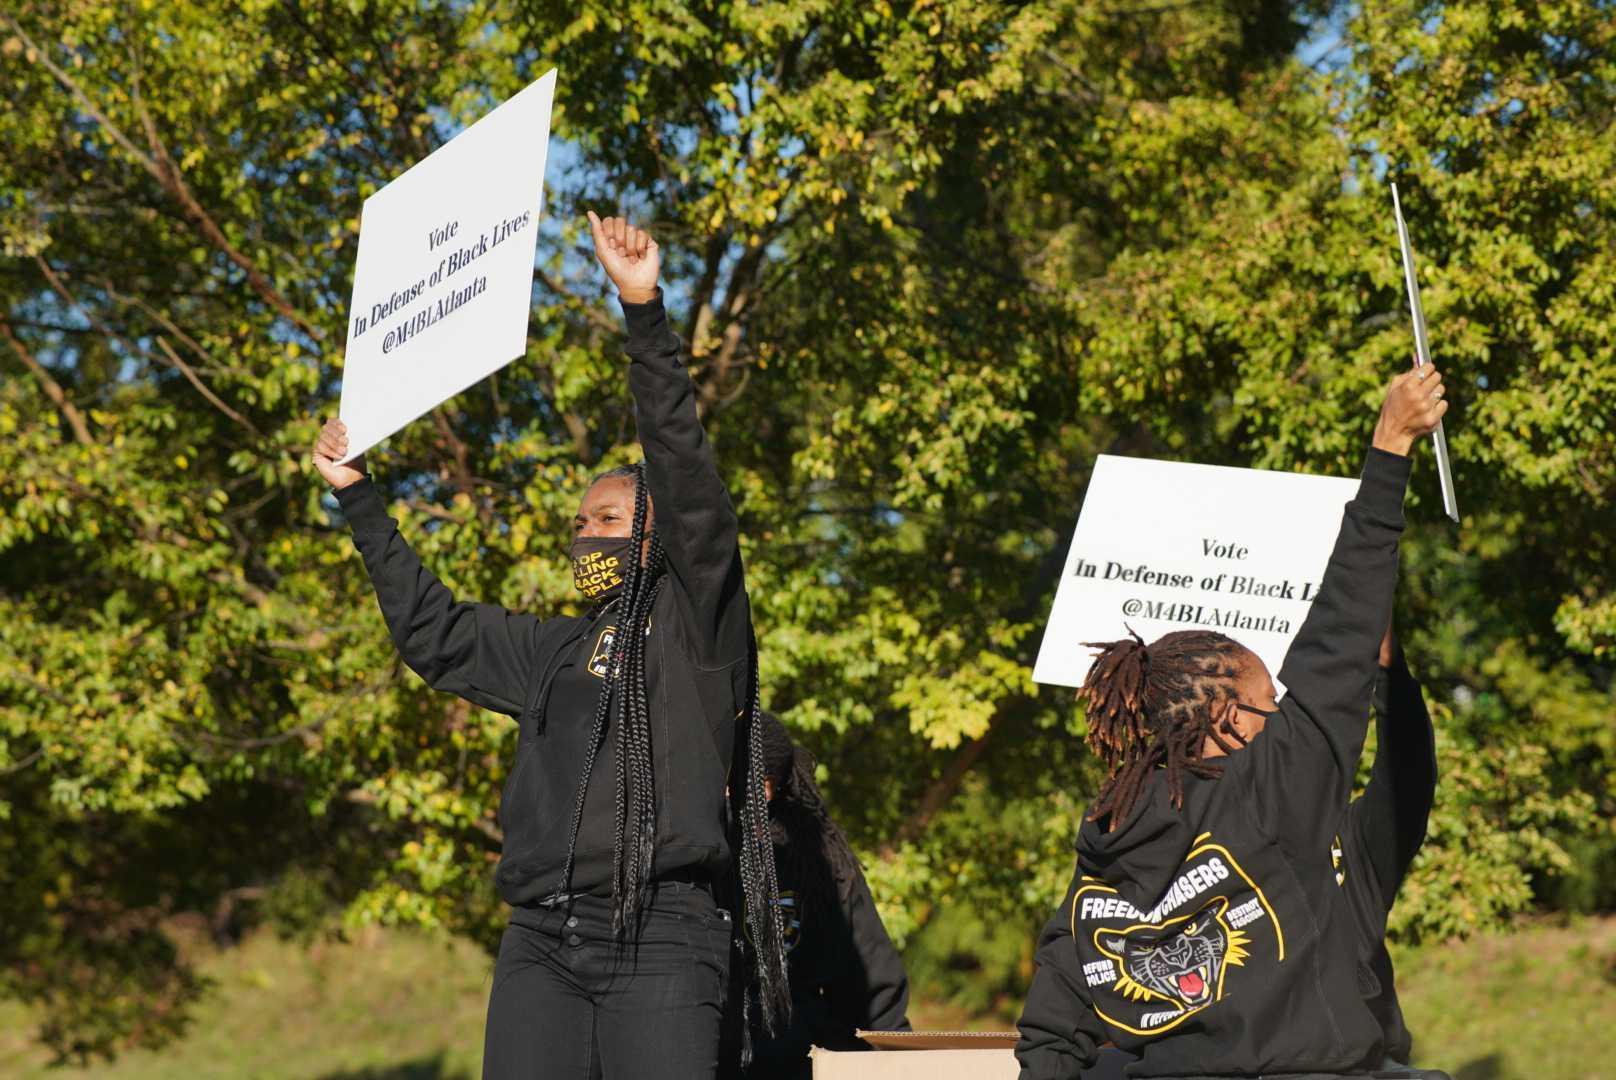 Возле участка голосования в Атланте устроили небольшой митинг